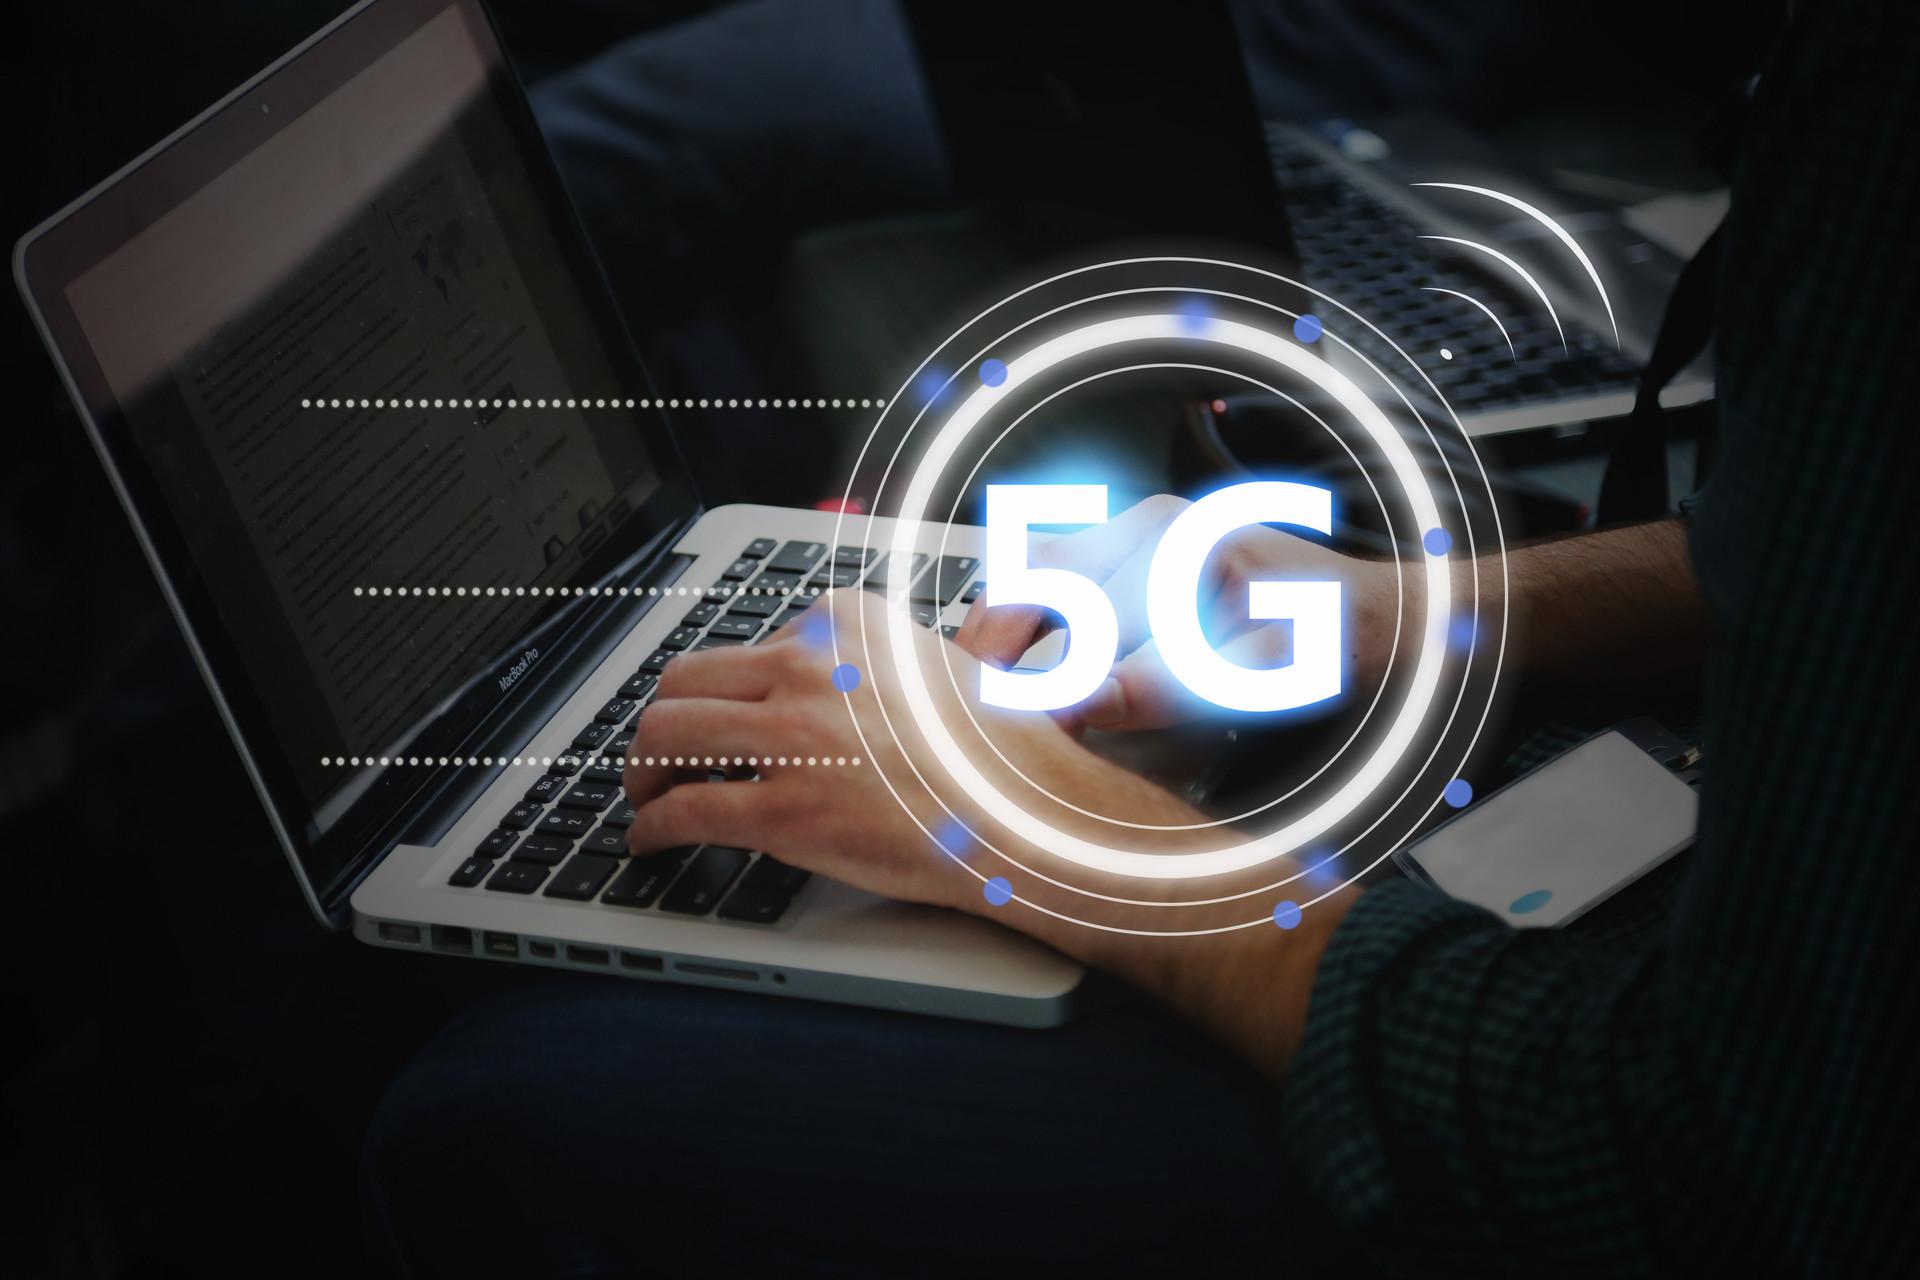 中国电信牵头全球5G产业 共同制定5G SA部署指南